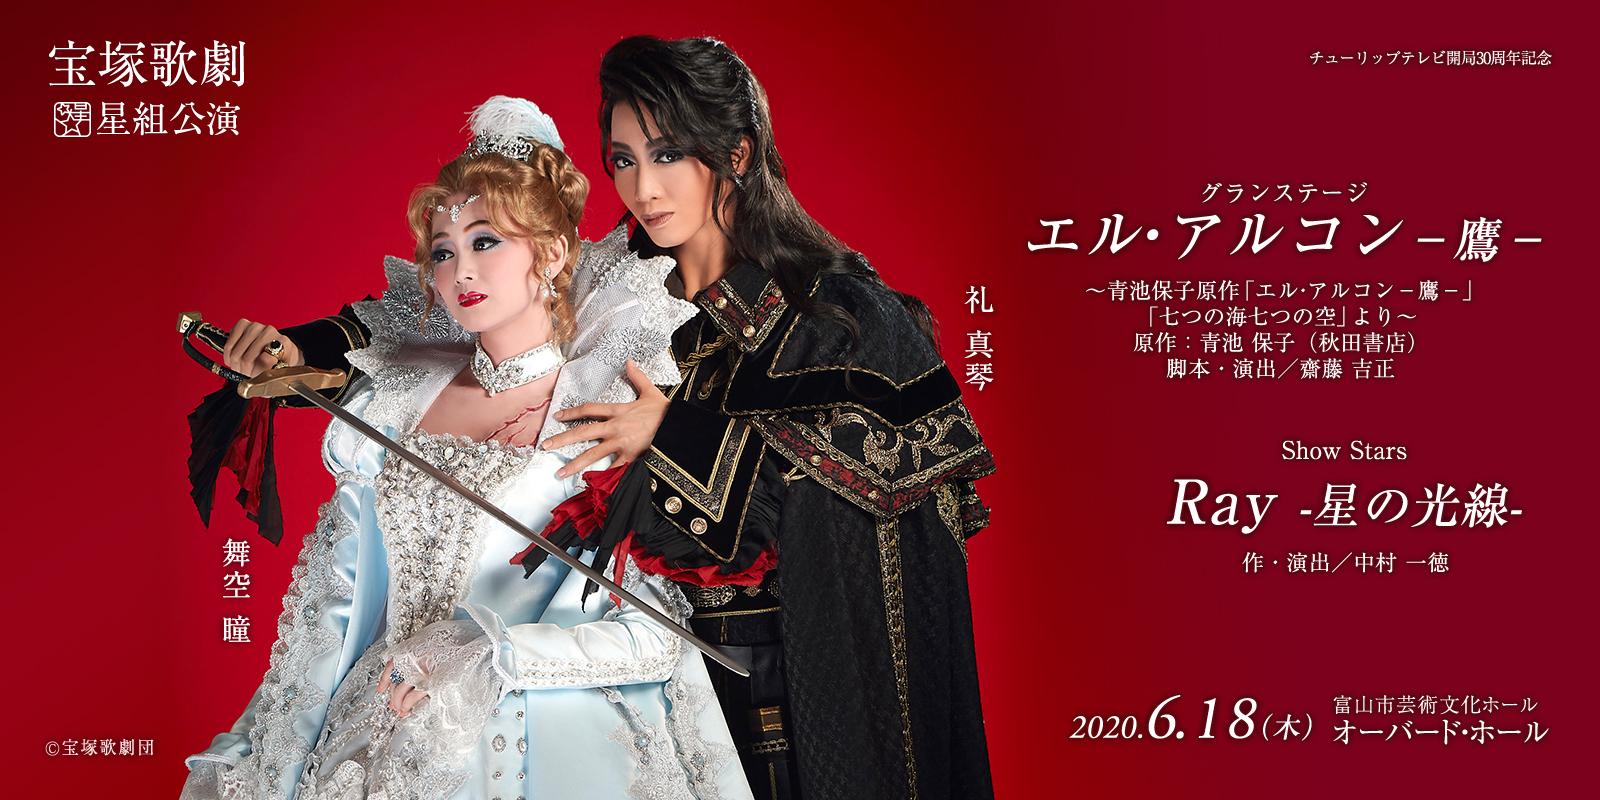 チューリップテレビ開局30周年記念 宝塚歌劇星組 富山公演